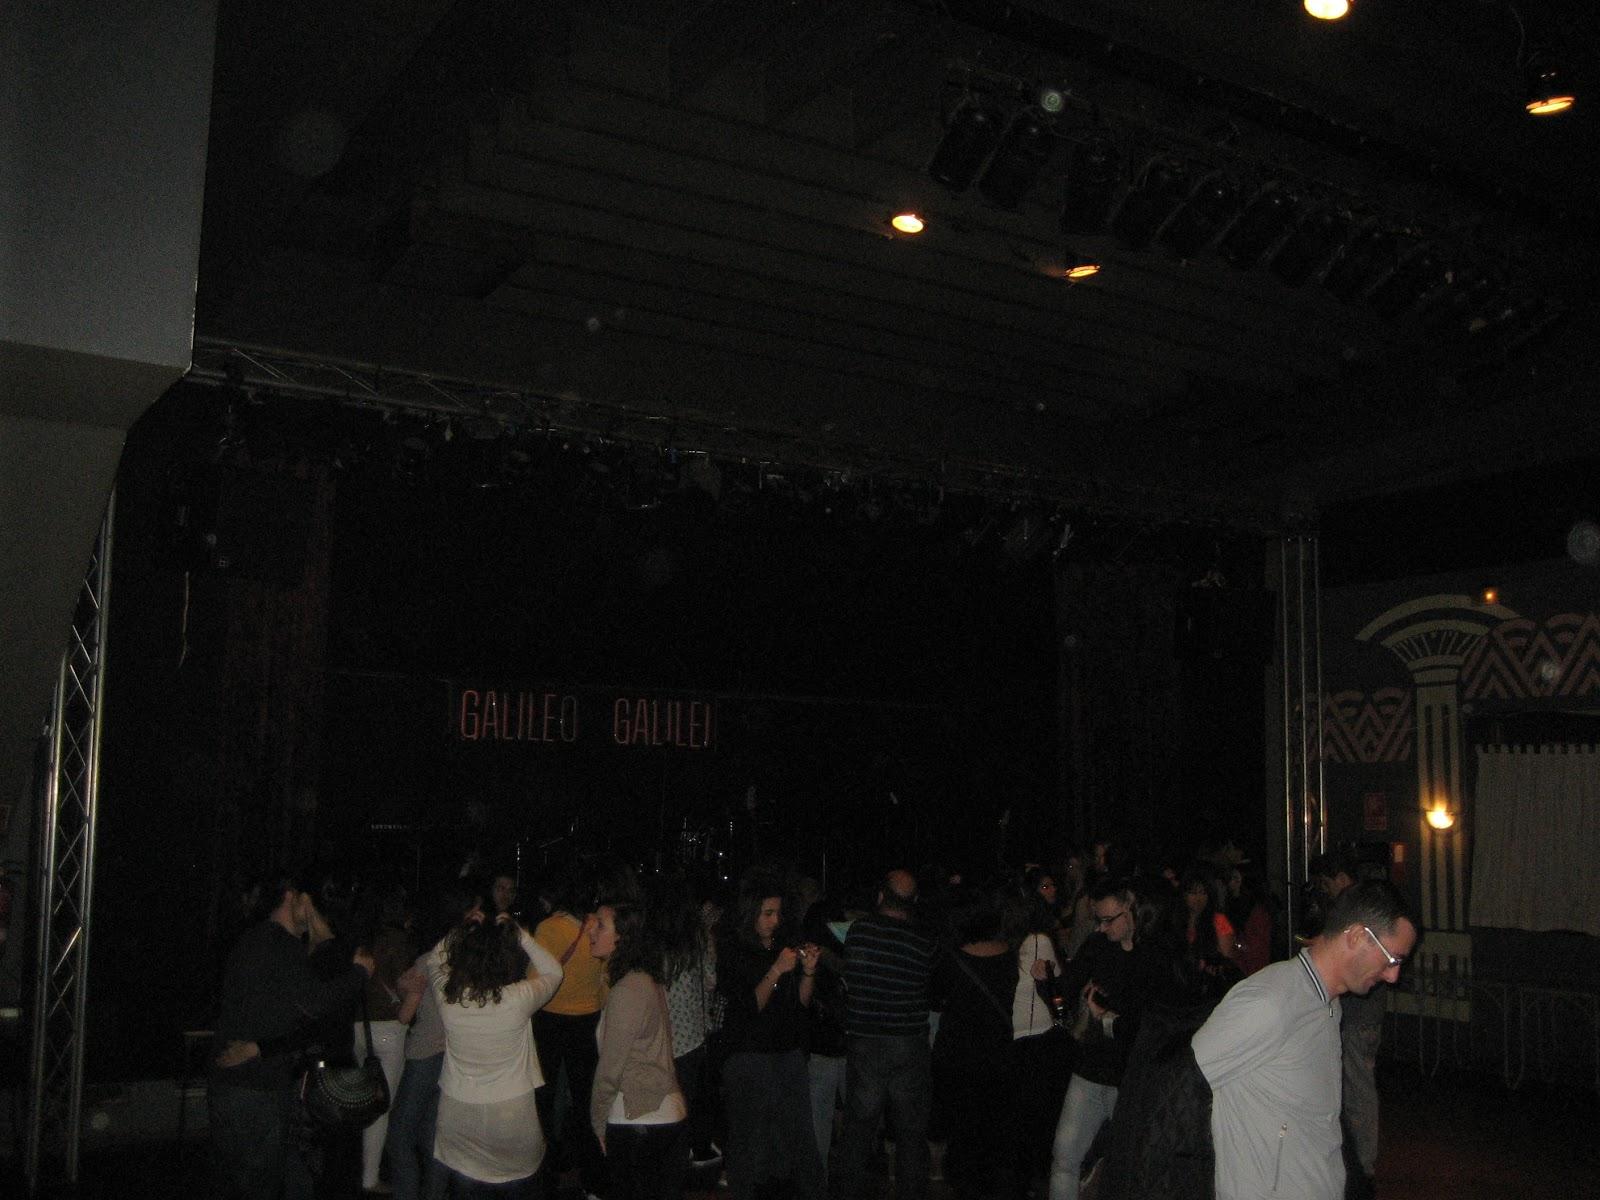 Correveidile cr nica concierto melocos en sala galileo for Sala galileo conciertos